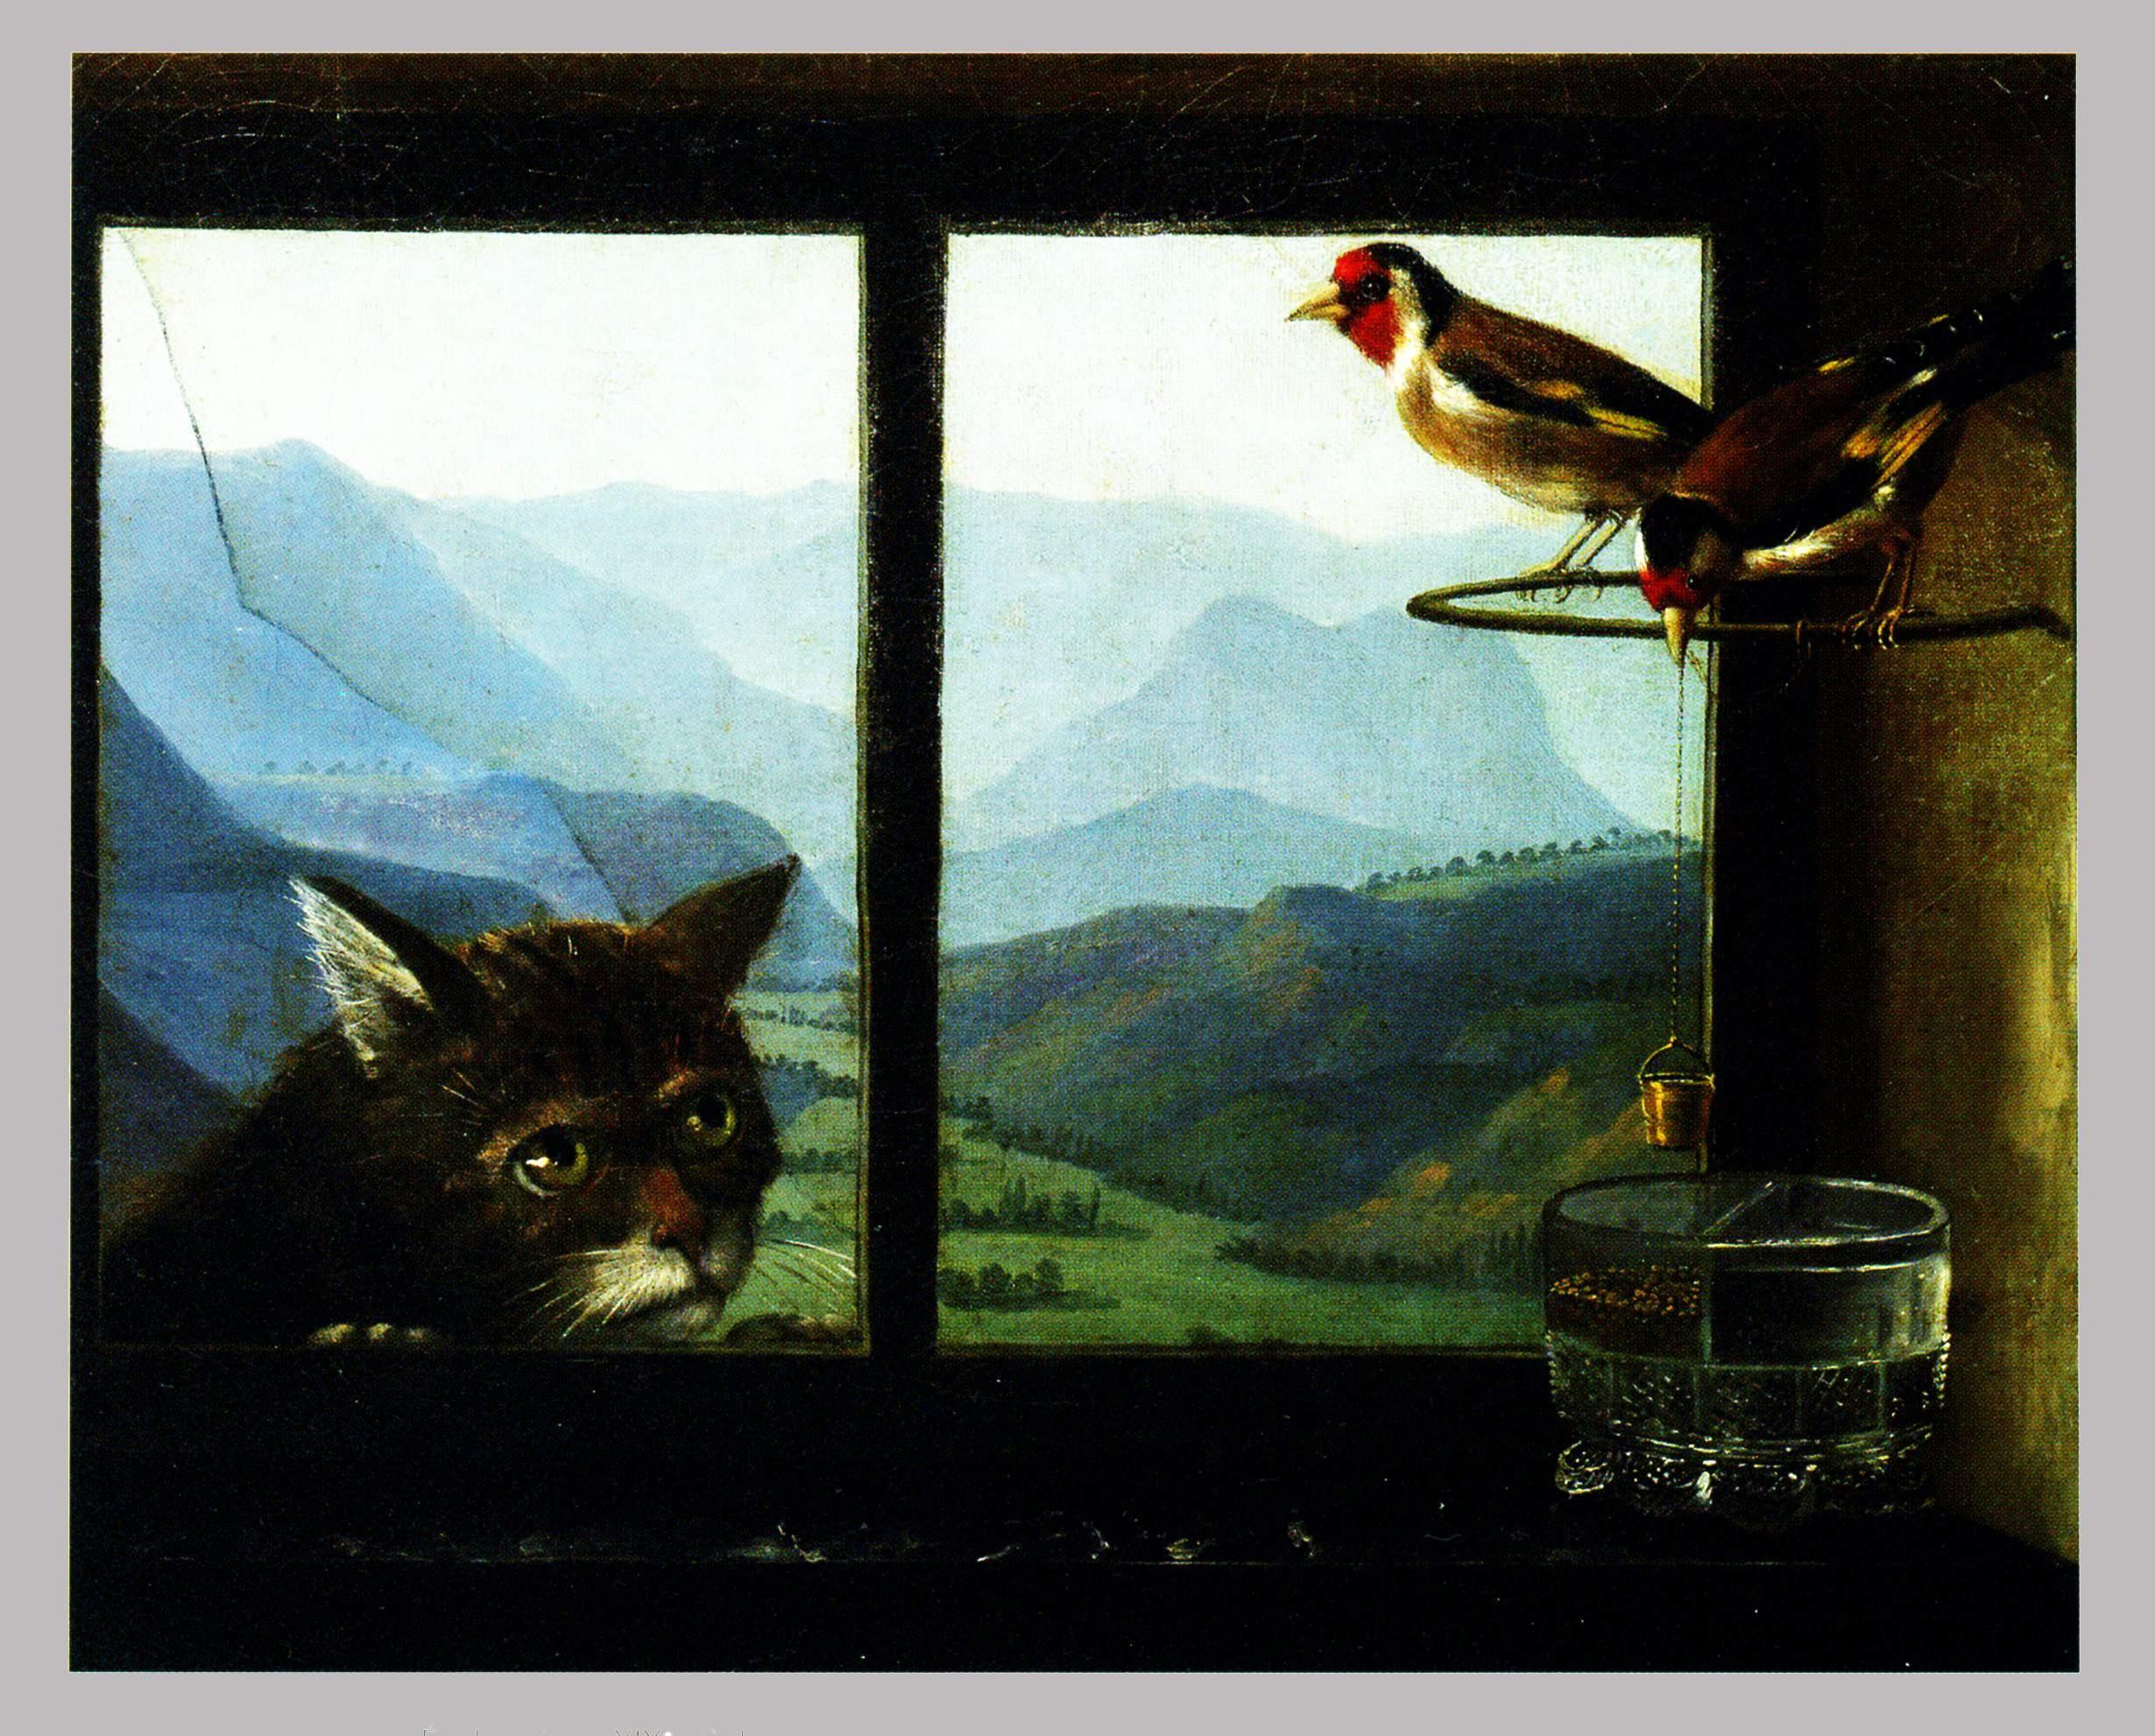 Anonyme suisse, XIXeme siecle, le chat et les chardonnerets, ht 37x46, MBA Rouen